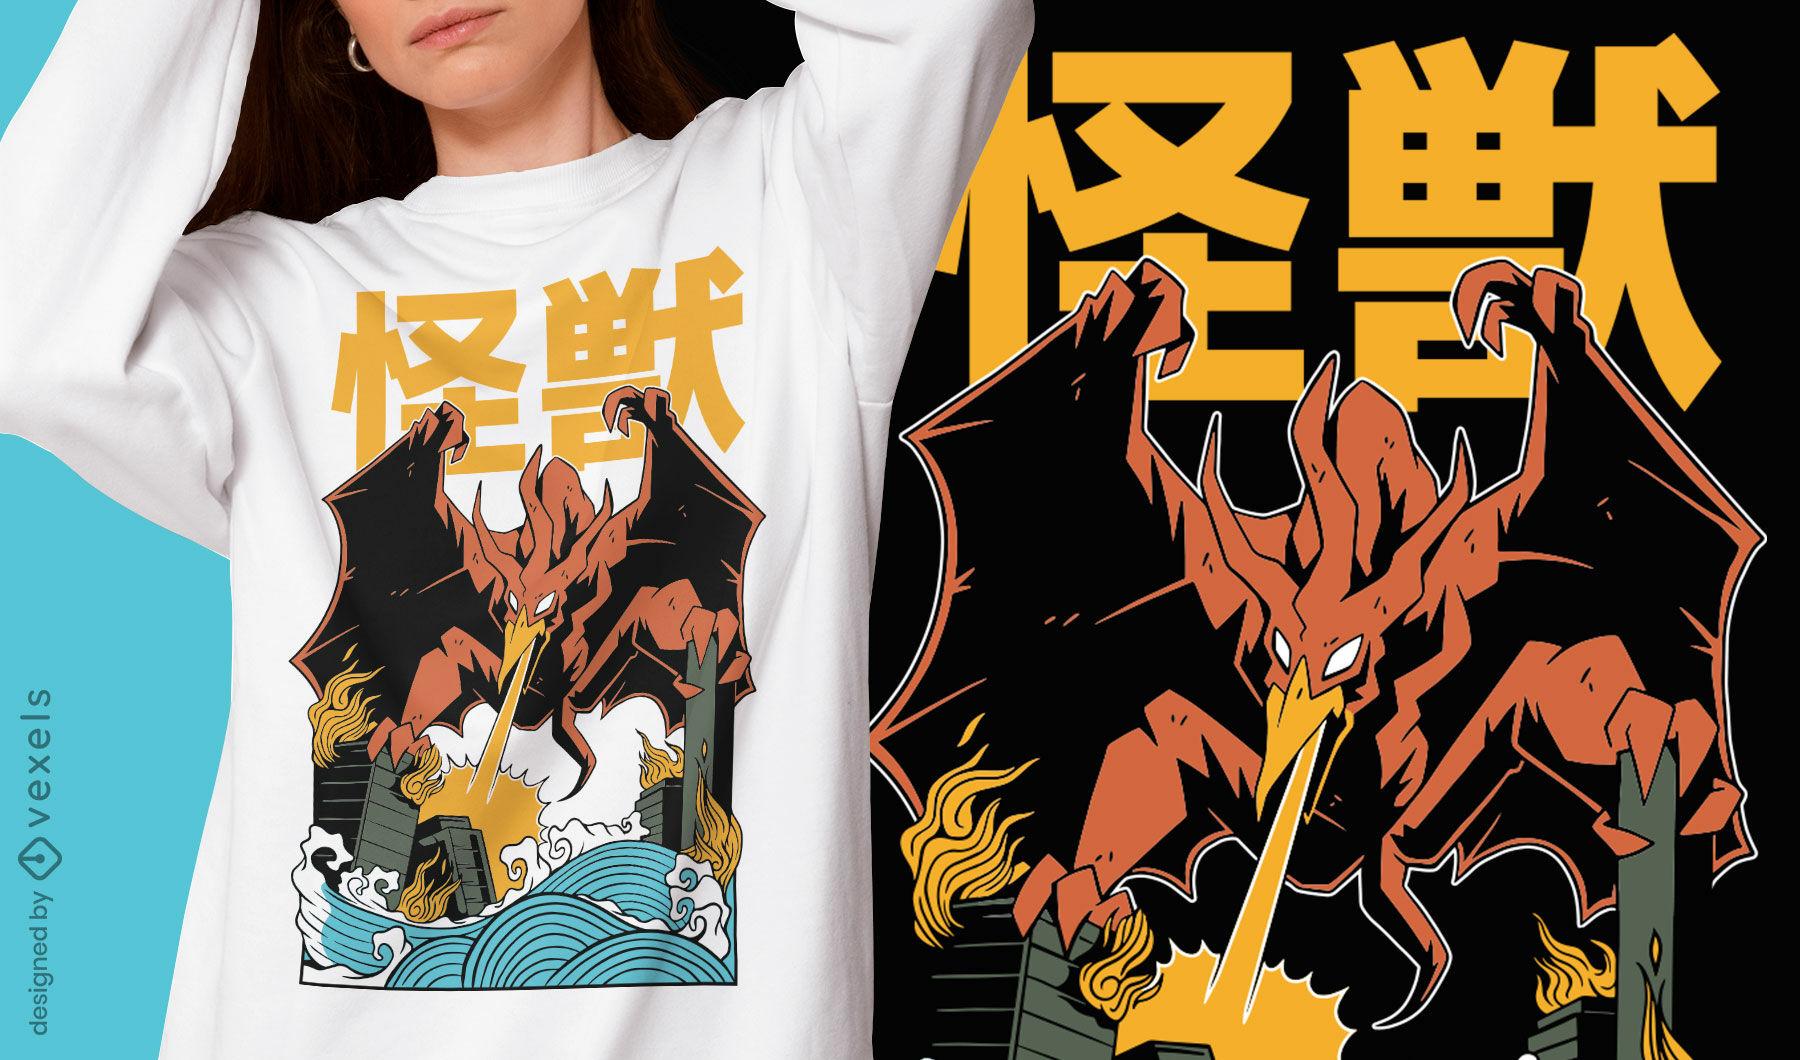 Diseño de camiseta de monstruo volador japonés.